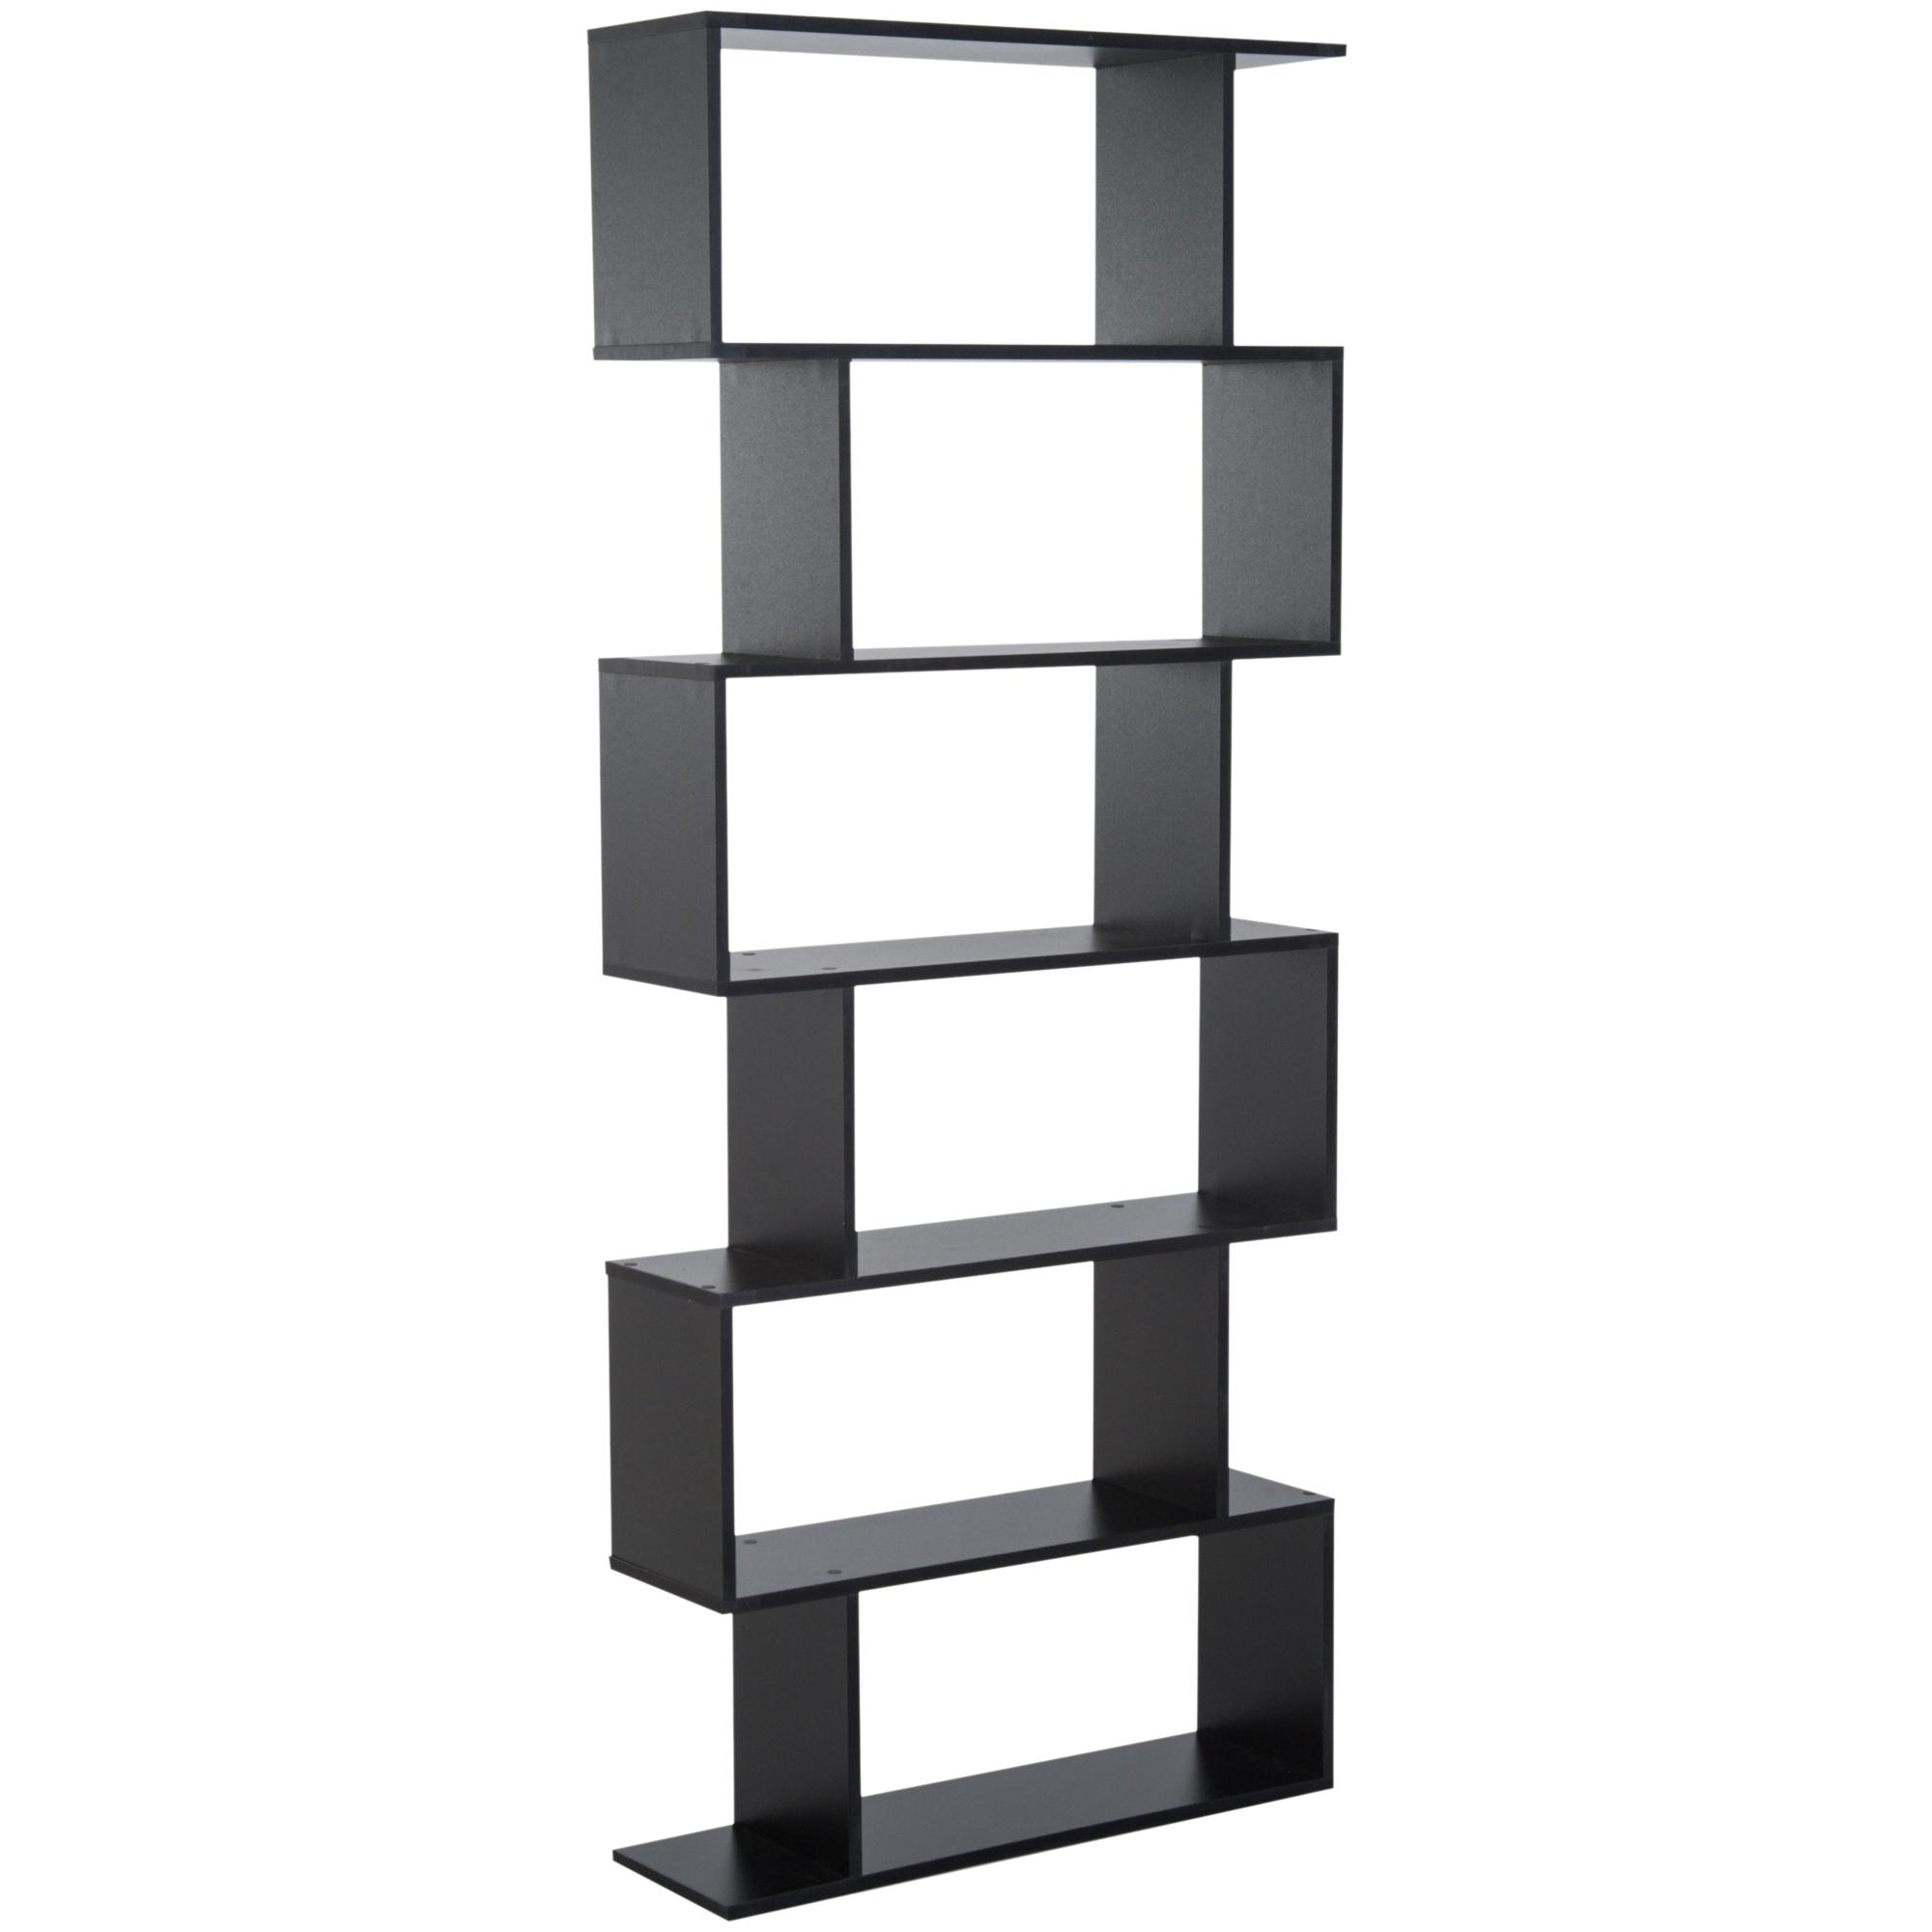 Homcom Librarie Design Modern in Lemn cu 6 Rafturi, Negru, 80x23x192cm imagine aosom.ro